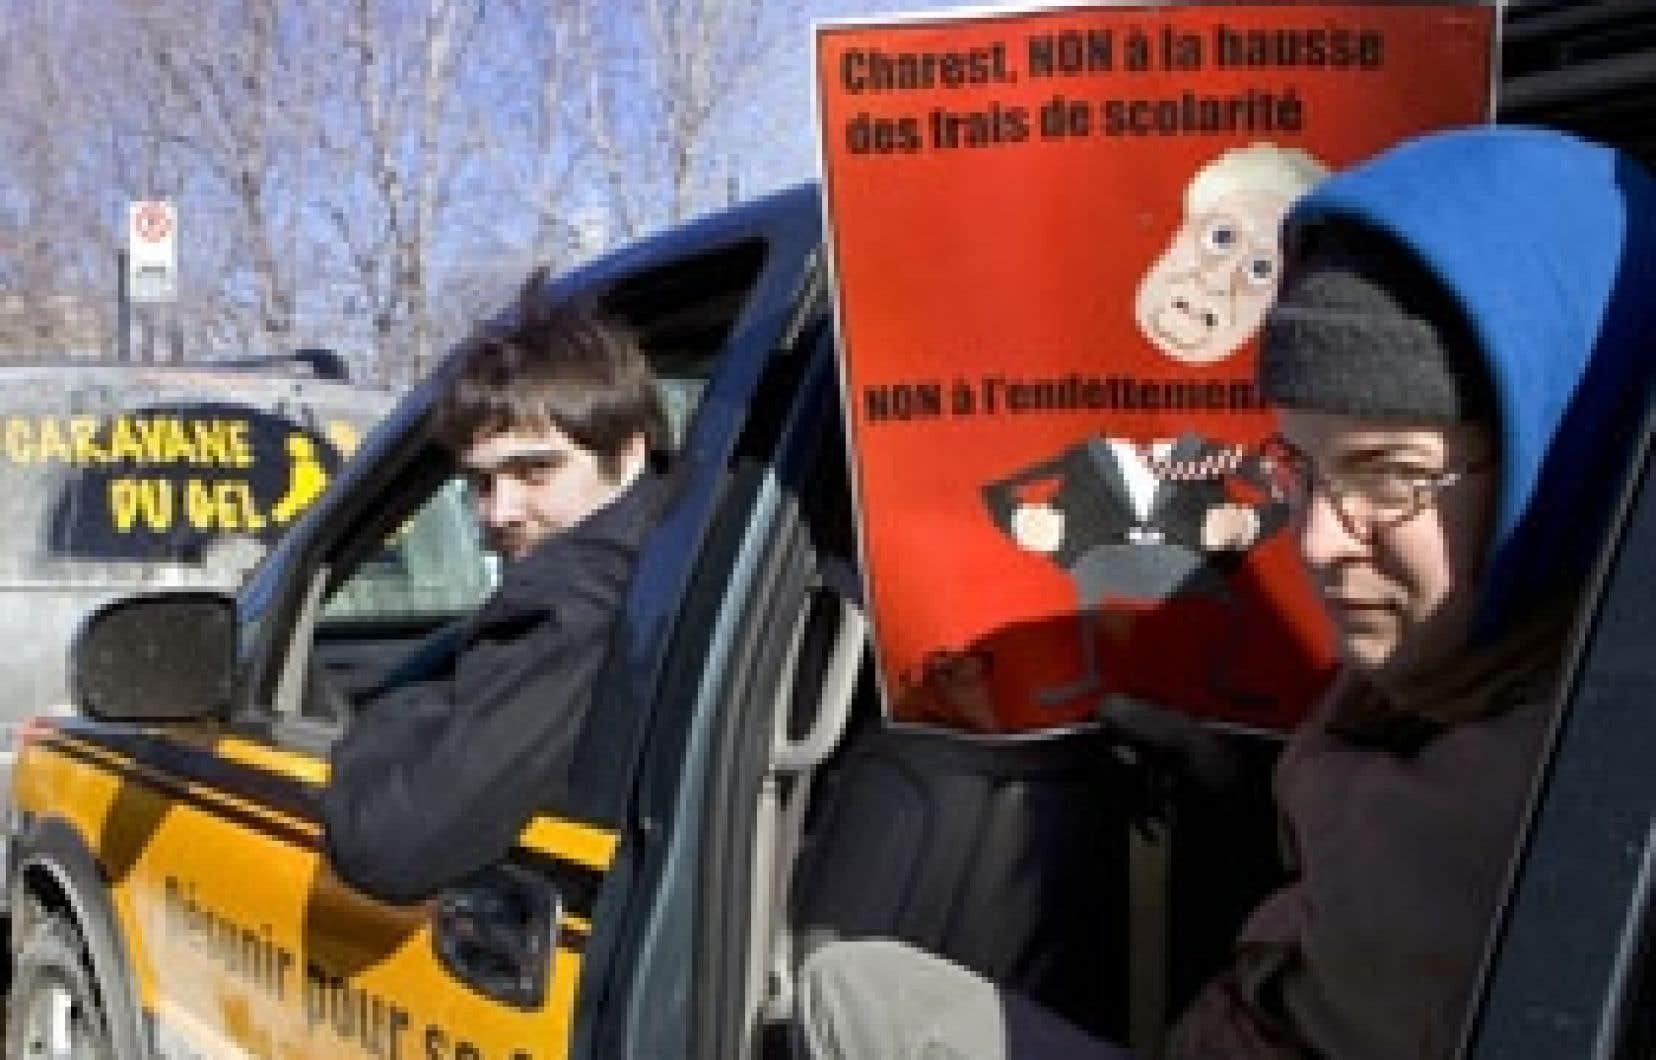 Les étudiants entendent bien poursuivre leur tournée du Québec en dépit de l'avis formel donné par le directeur général des élections.